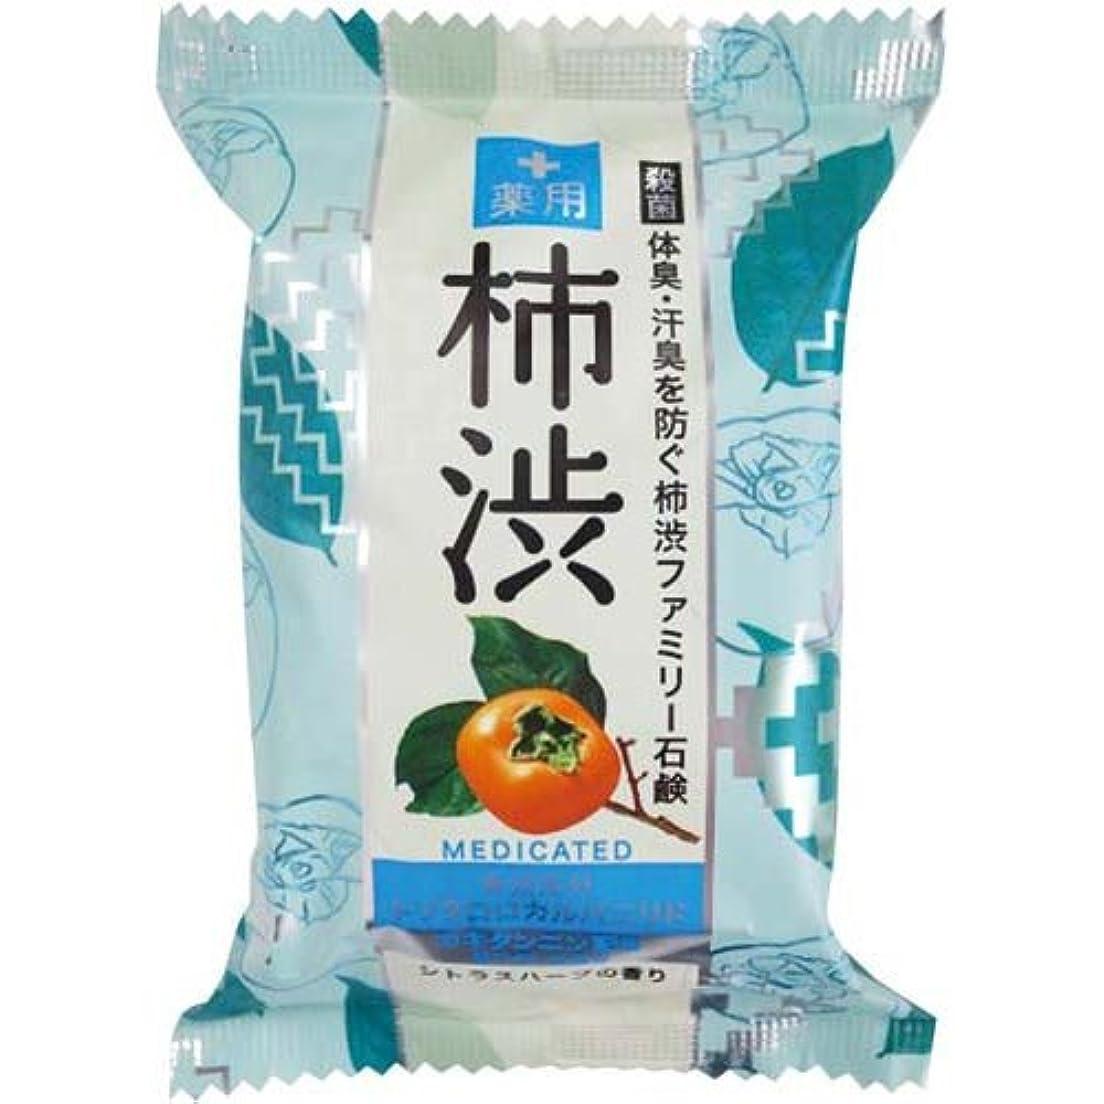 尊厳置換肺ペリカン石鹸 薬用ファミリー柿渋石鹸×6個×4箱